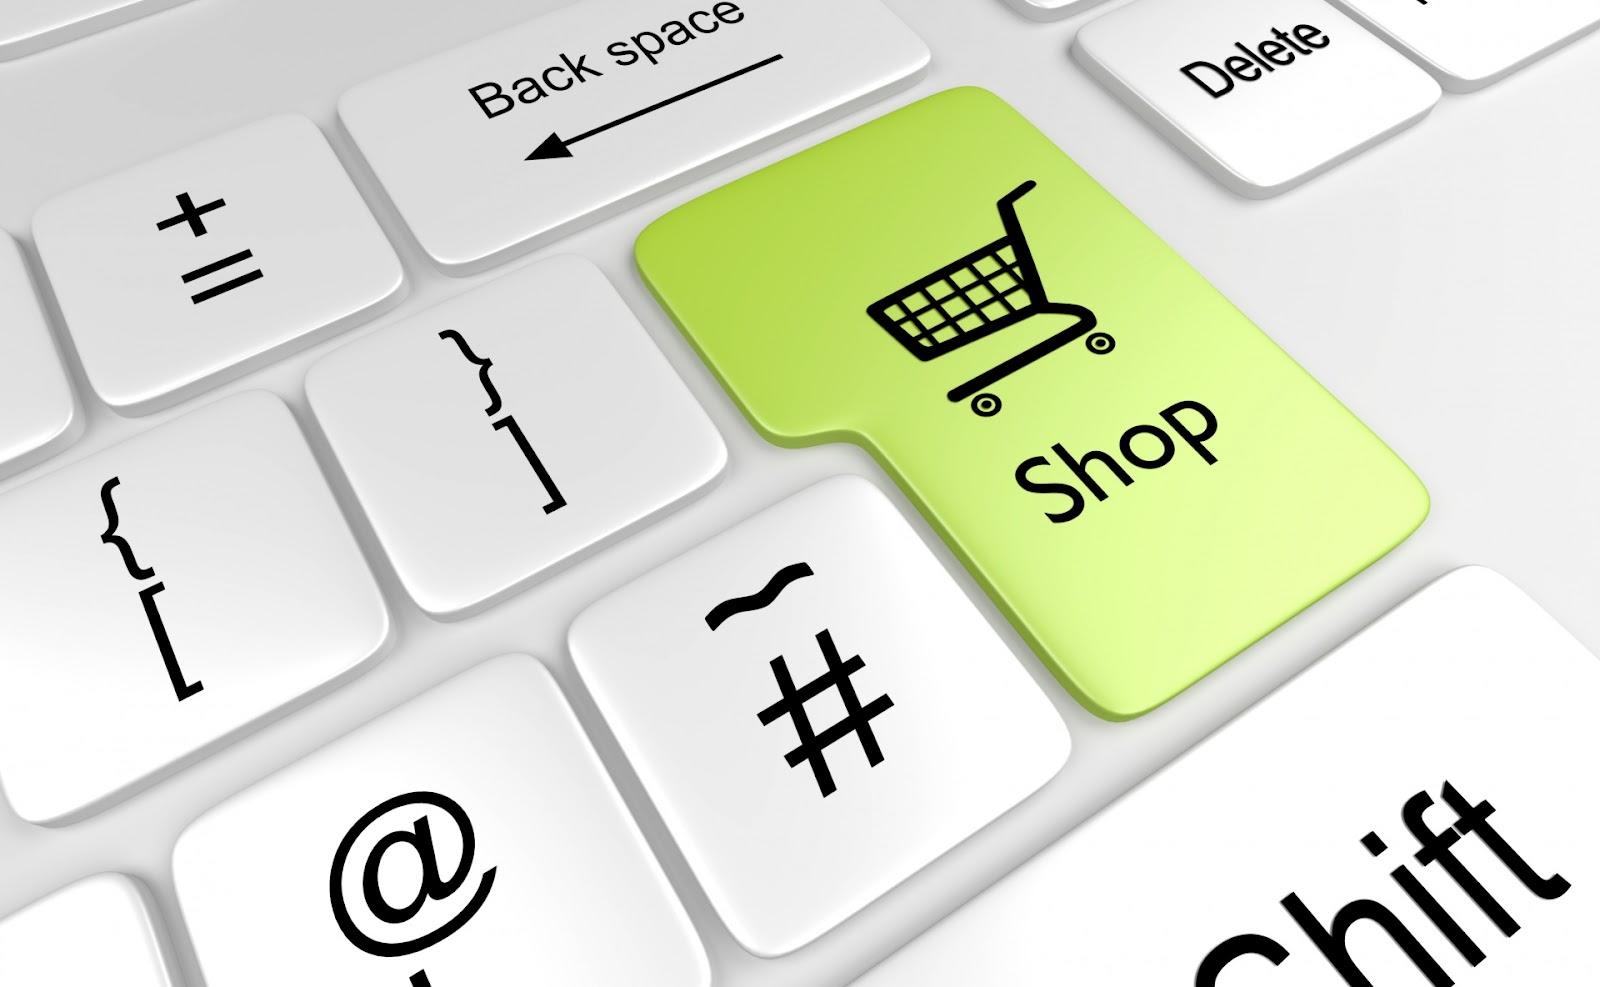 Icono de la tienda del teclado Stock de Foto gratis - Public ...